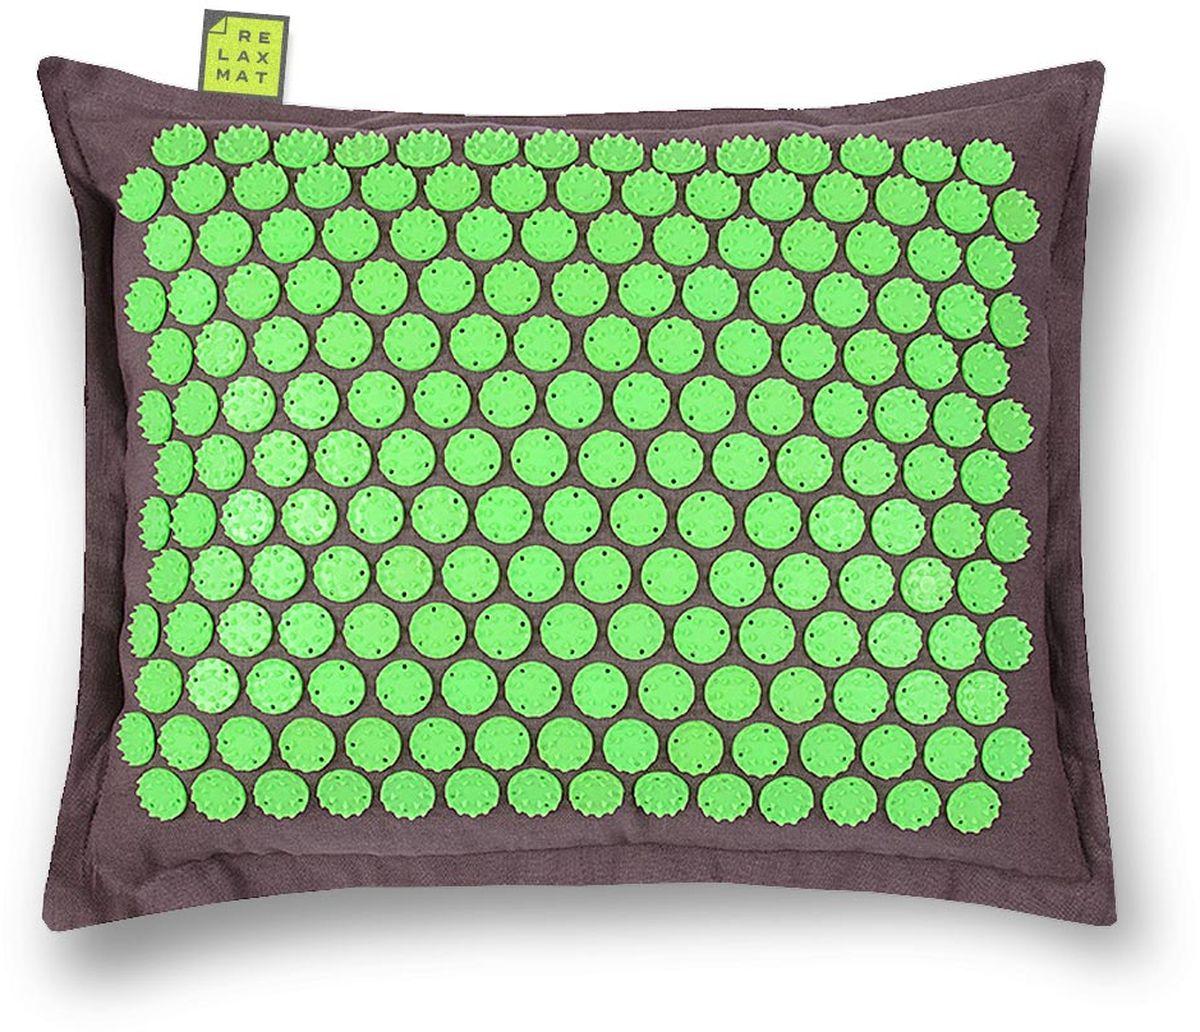 Relaxmat Массажная подушка, цвет: зеленый, графитовый